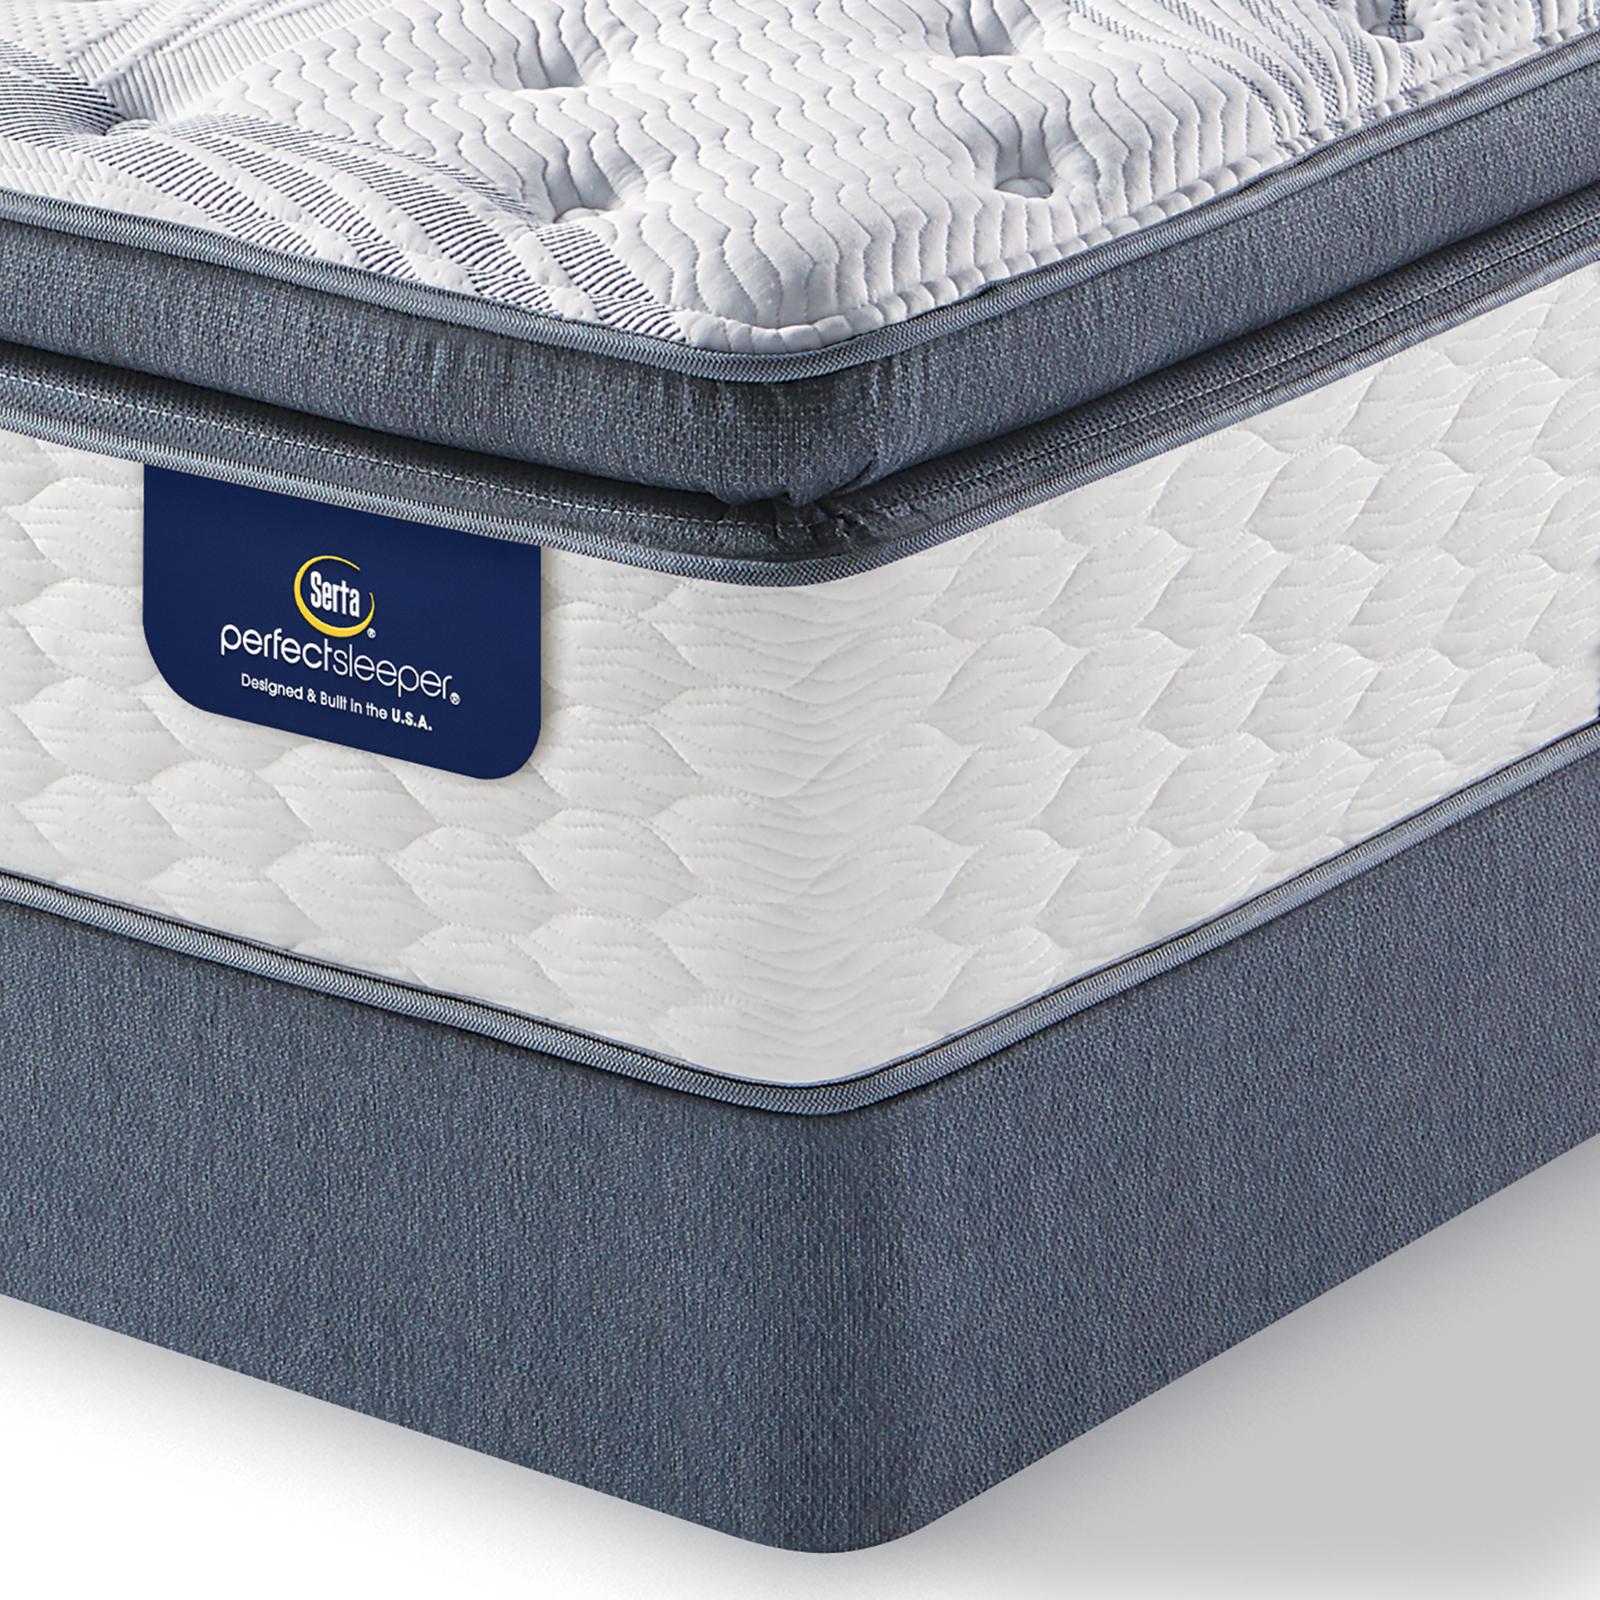 Serta Perfect Sleeper Walworth Firm Super Pillowtop Mattress